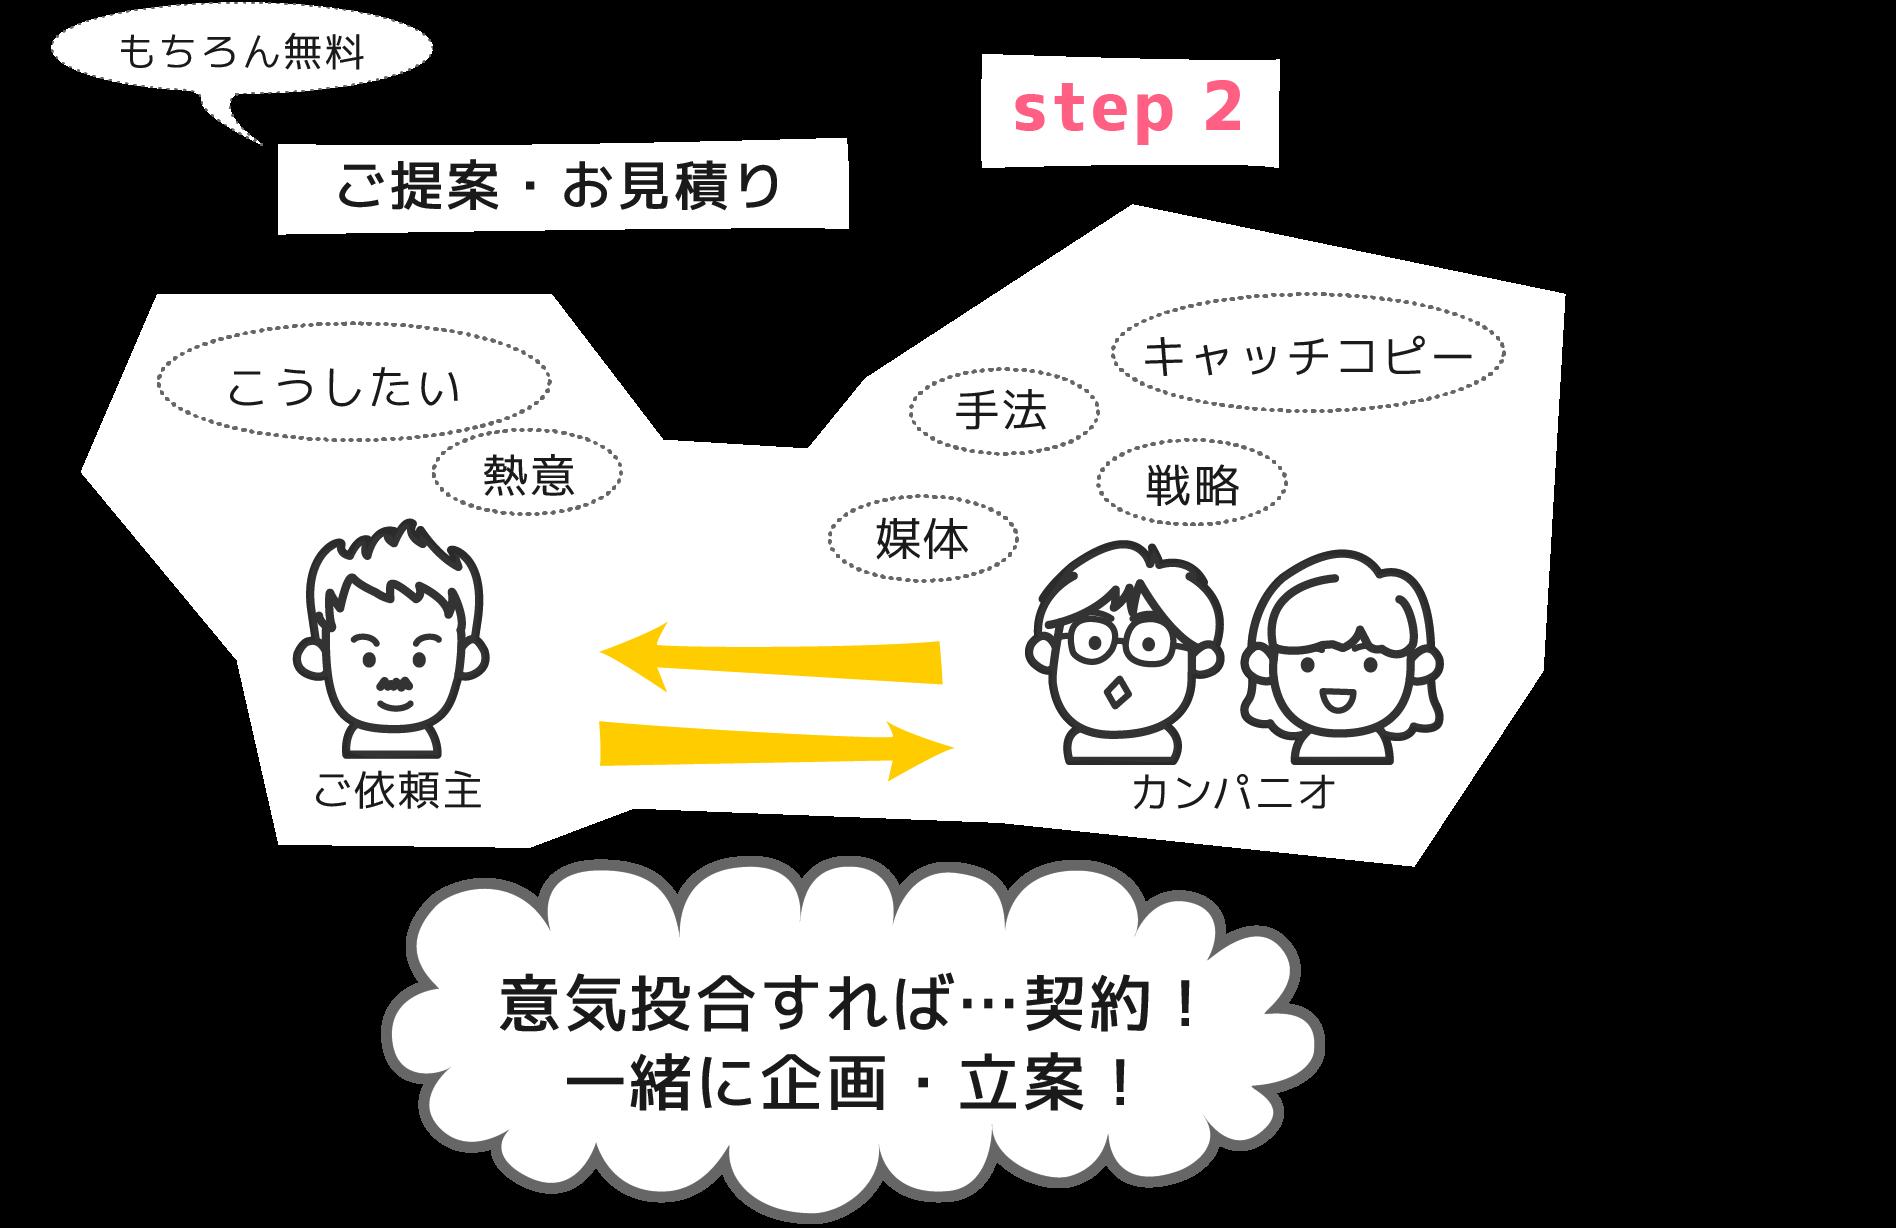 3そしてご提案・お見積り(無料です!)